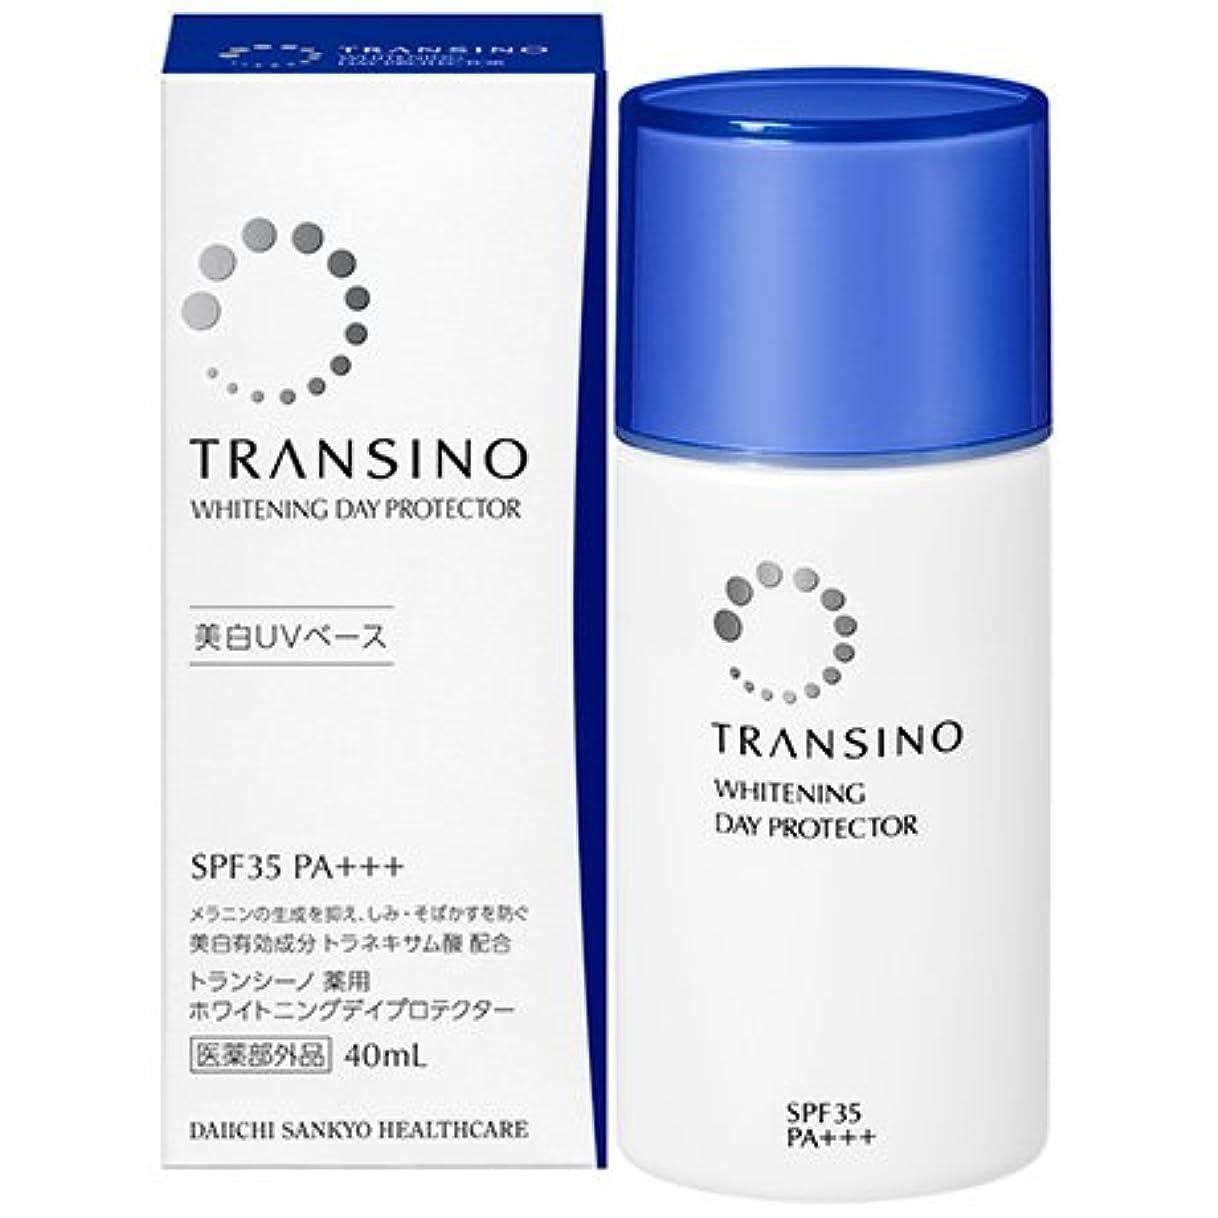 スラック件名精巧なトランシーノ 薬用ホワイトニングデイプロテクター 40ml SPF35?PA+++ [並行輸入品]